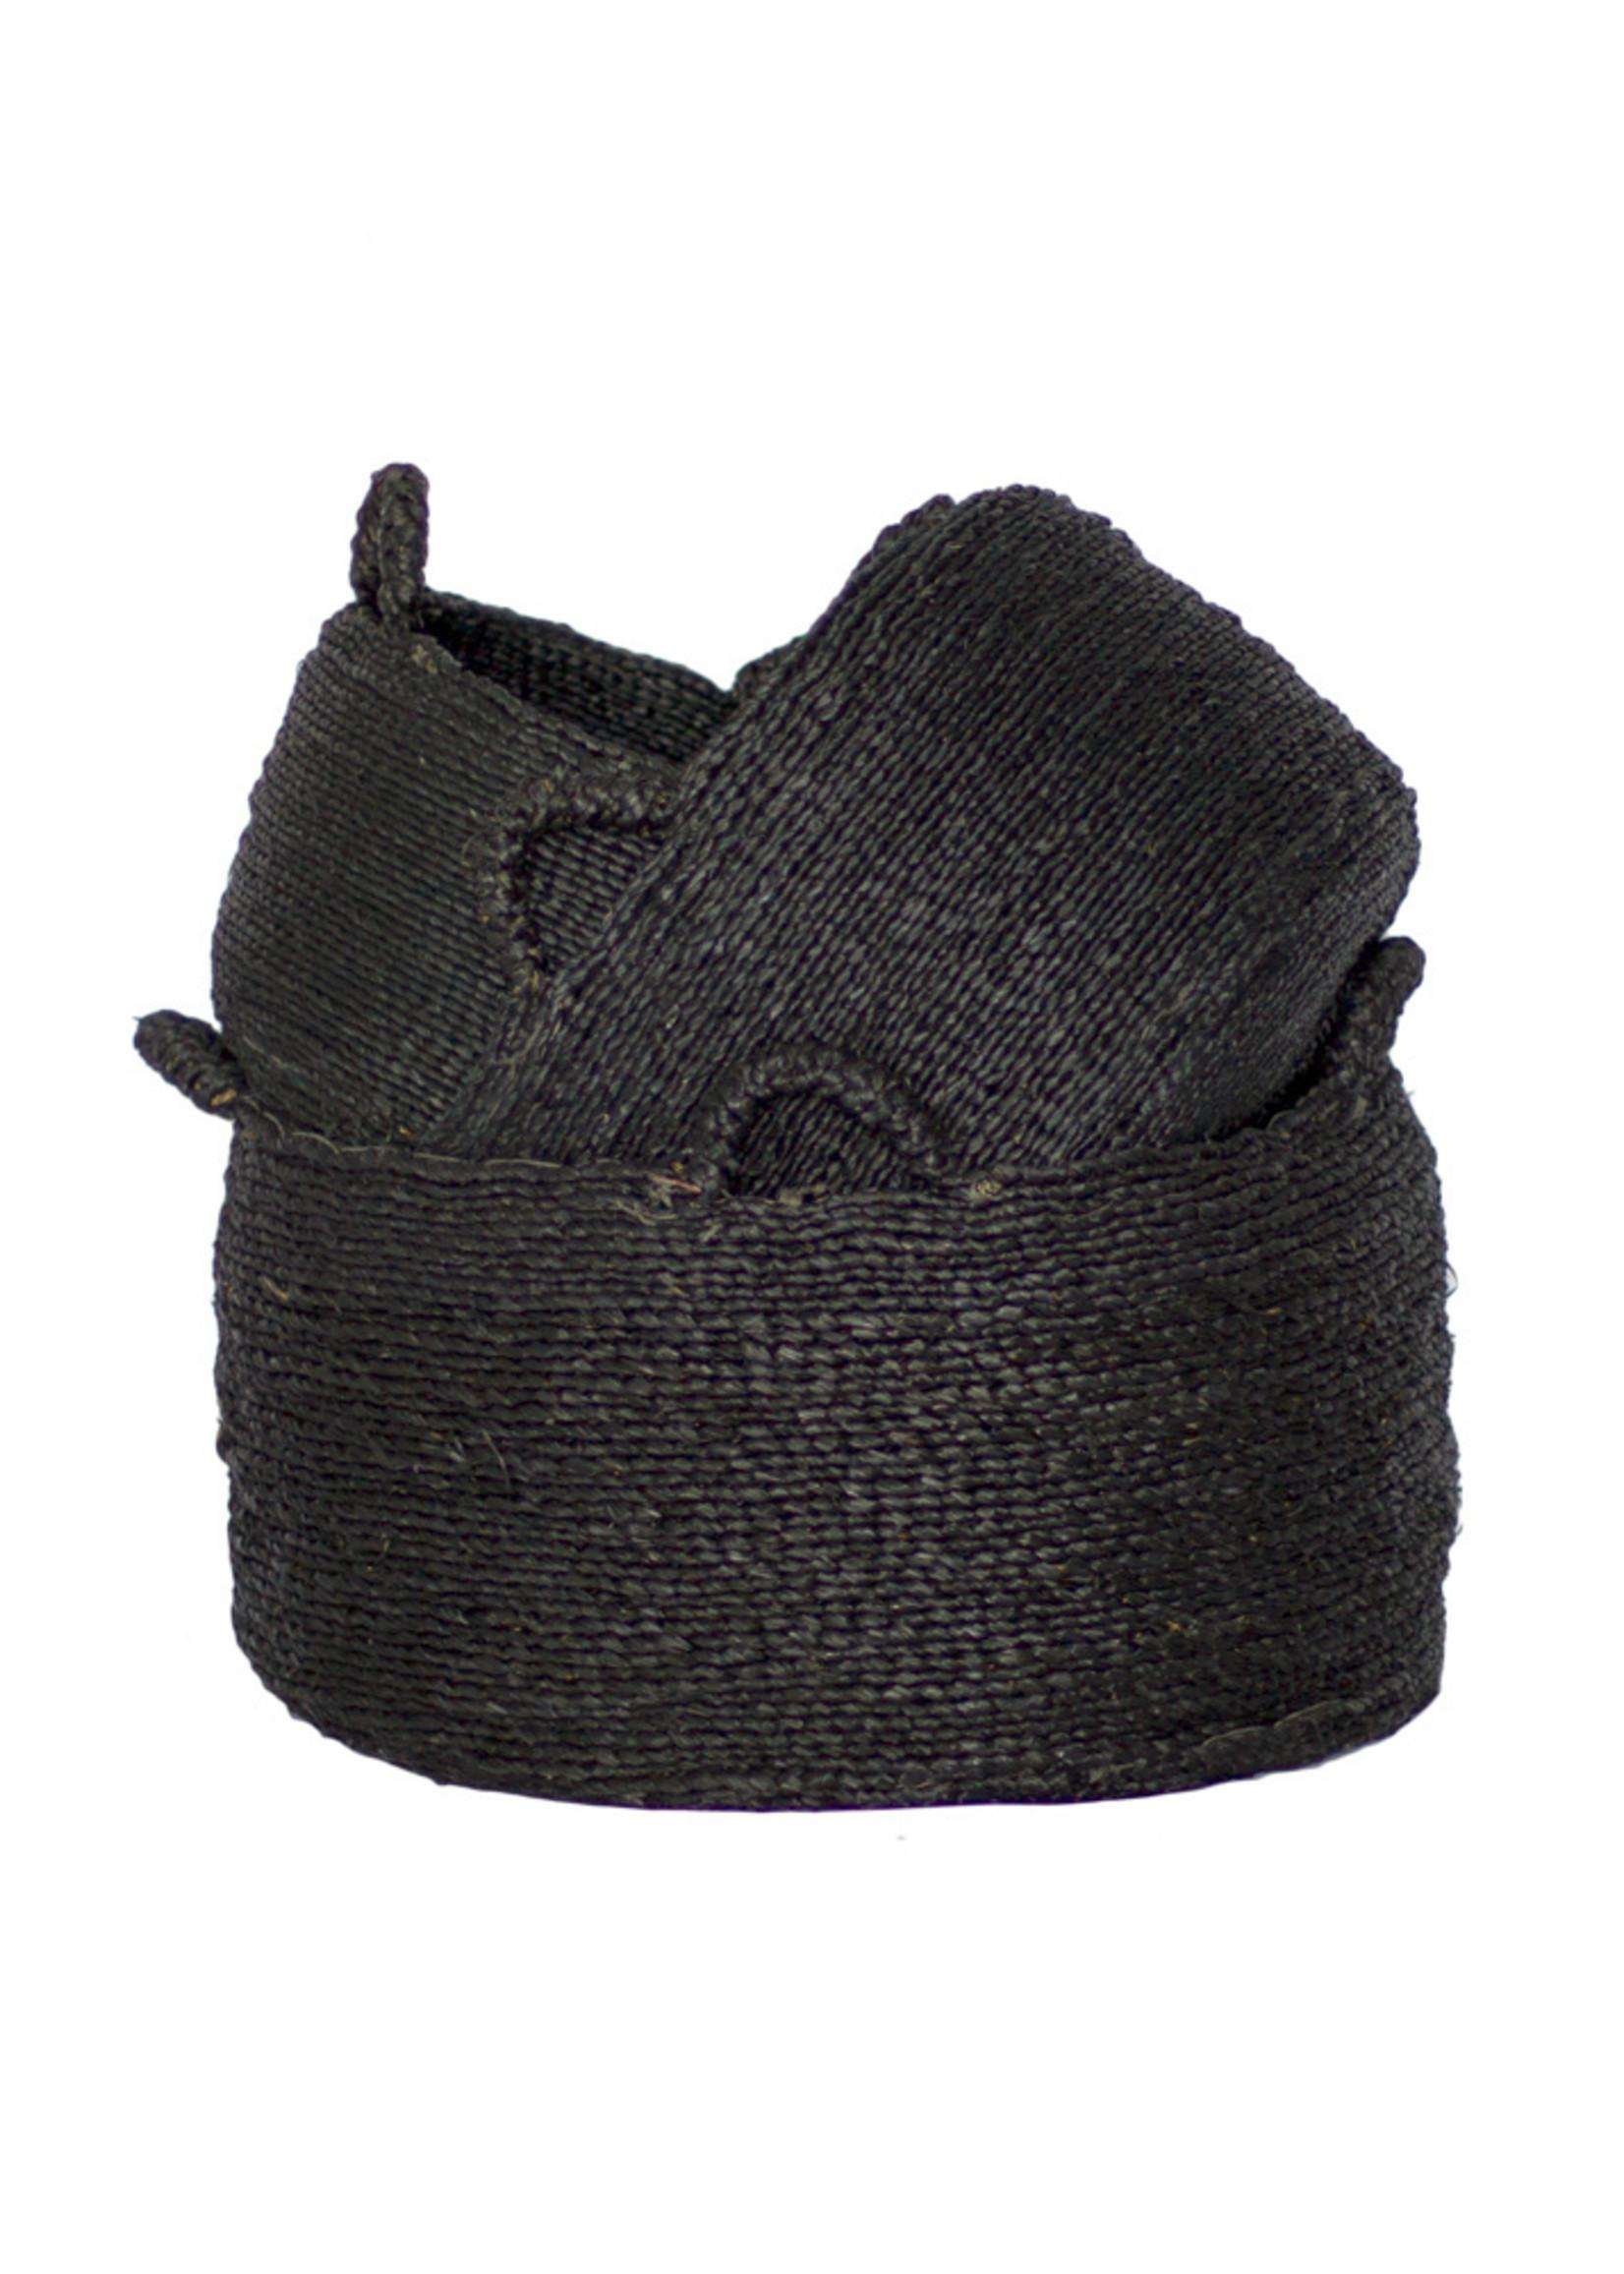 Les Quatre Mains Baskets - Black - SET3